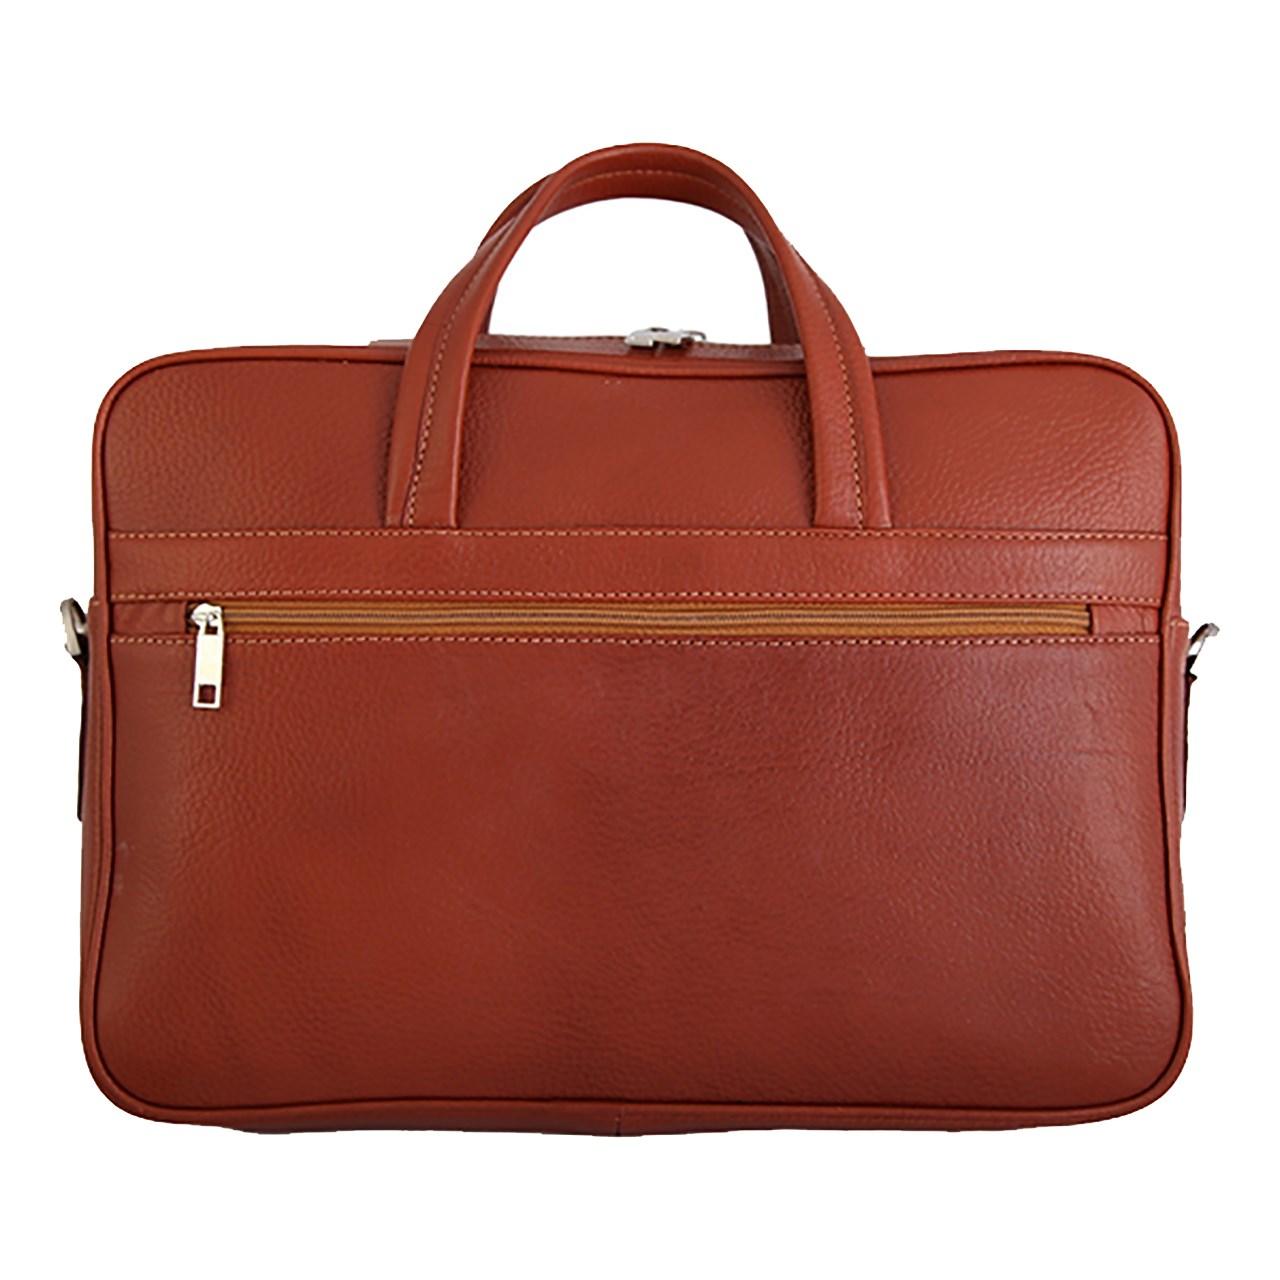 کیف دستی چرم طبیعی گالری مثالین مدل 24009